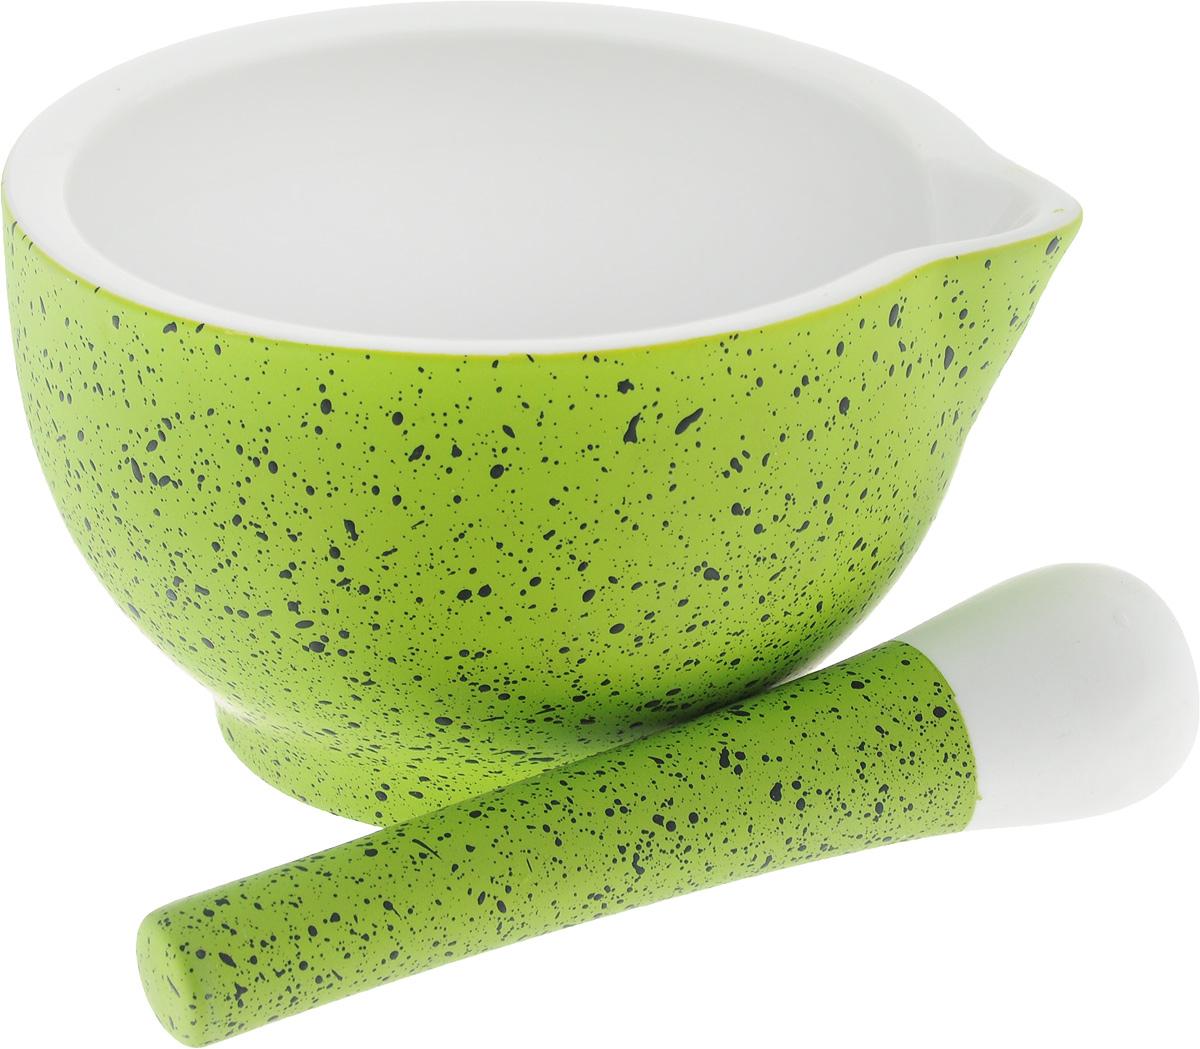 Ступка с пестиком BartonSteel, цвет: салатовый, белый. 1201BS115510Ступка с пестиком BartonSteel выполнены из высококачественного фарфора. Внешние стенки ступки и ручка пестика имеют приятное на ощупь прорезиненное покрытие. Внутренняя поверхность ступки и рабочая часть пестика имеют шероховатую поверхность без глазури, что необходимо для эффективного измельчения. Ступка дополнительно снабжена носиком. Изделия предназначены для измельчения различных специй и трав, орехов, чеснока, каперсов и многого другого. С таким набором вы с легкостью добьетесь необходимой вам степени измельчения.Предметы можно мыть в посудомоечной машине. Диаметр ступки: 15 см. Высота ступки: 8,5 см. Длина пестика: 15 см.